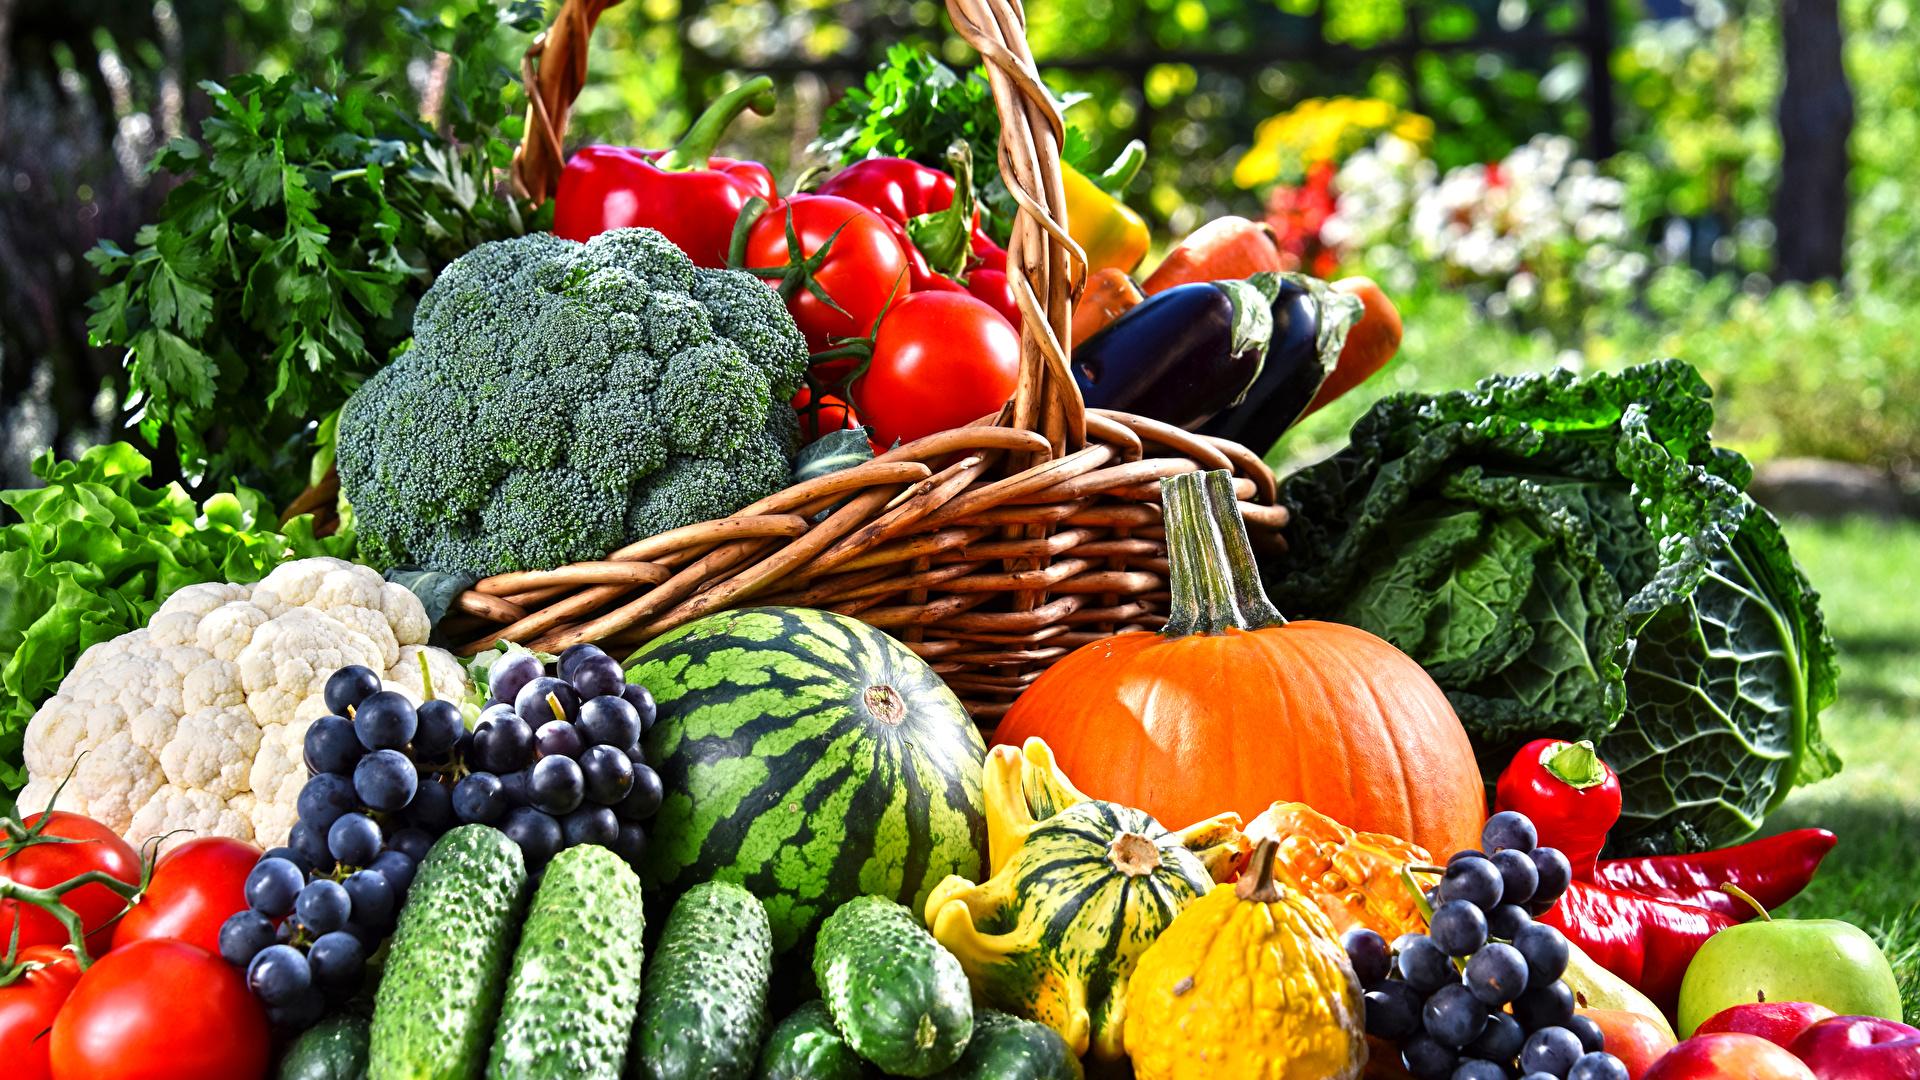 Фото Тыква Огурцы Помидоры Арбузы Виноград Еда Овощи 1920x1080 Томаты Пища Продукты питания